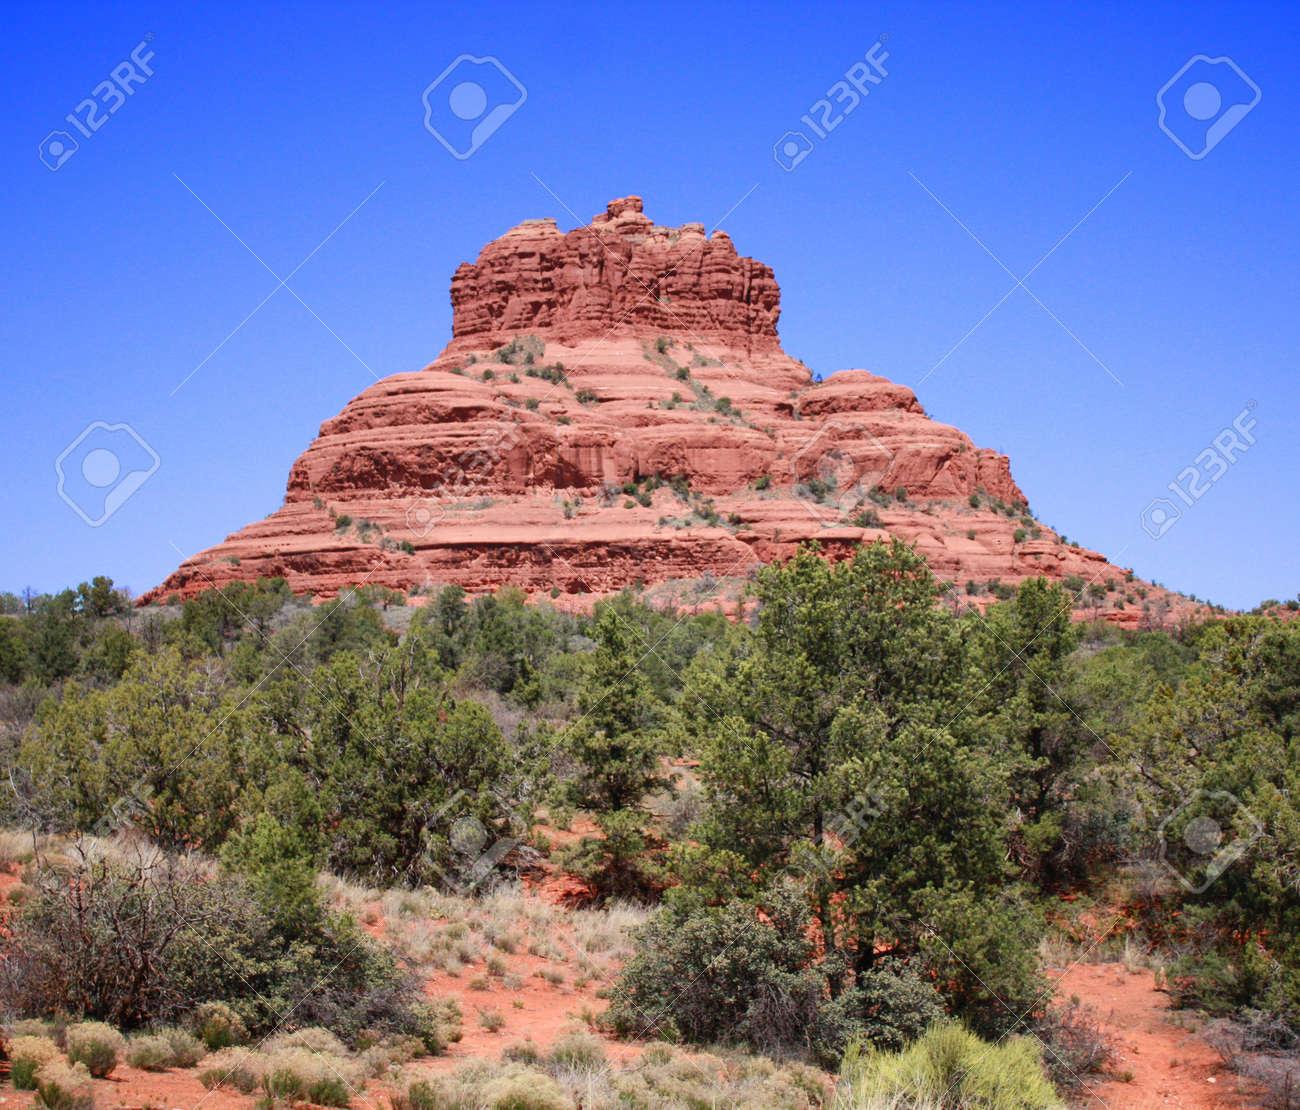 Sedona, Arizona's Bell Rock Stock Photo - 4713600